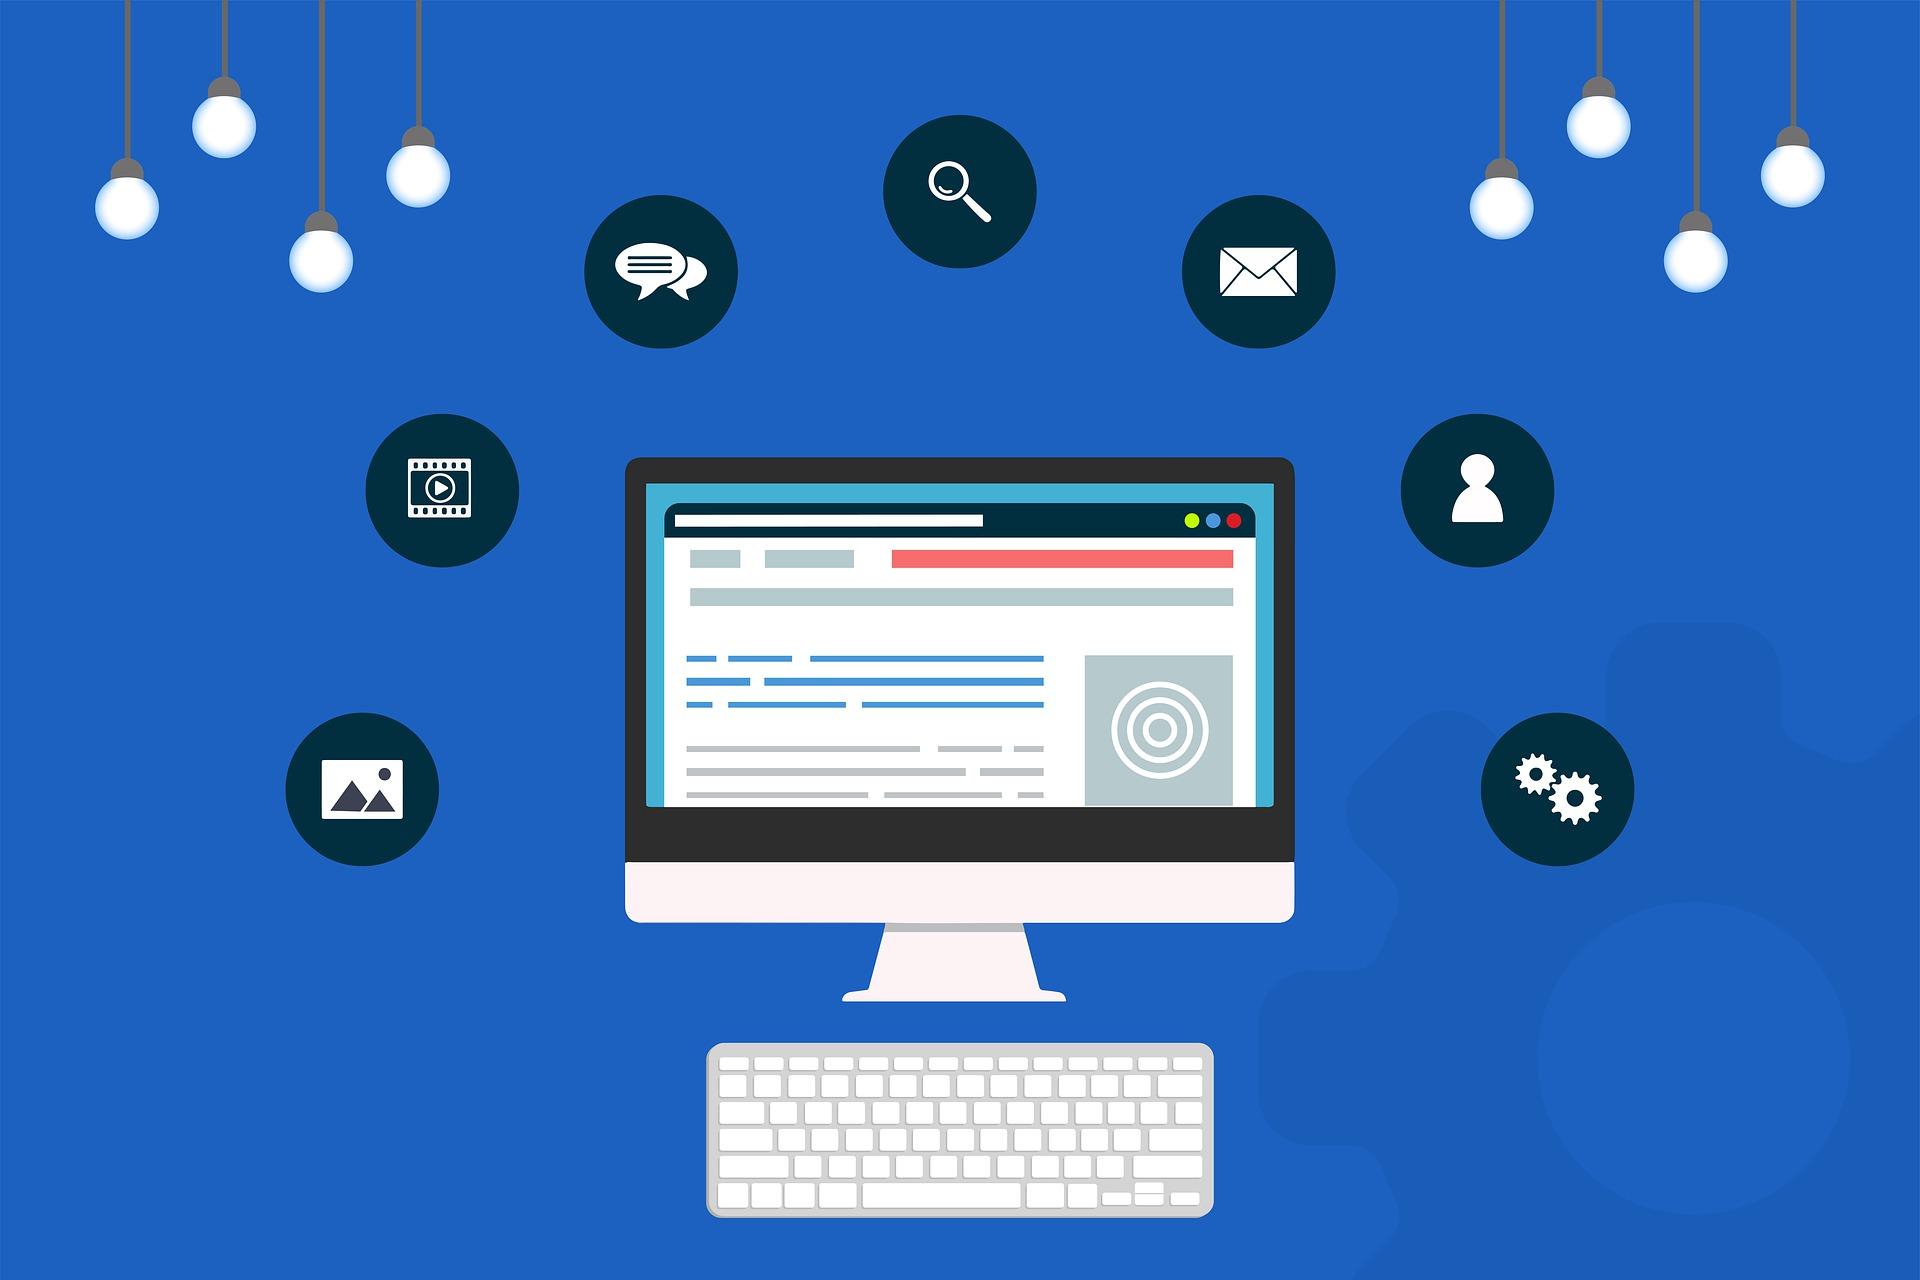 UX Best Practices in Software Design